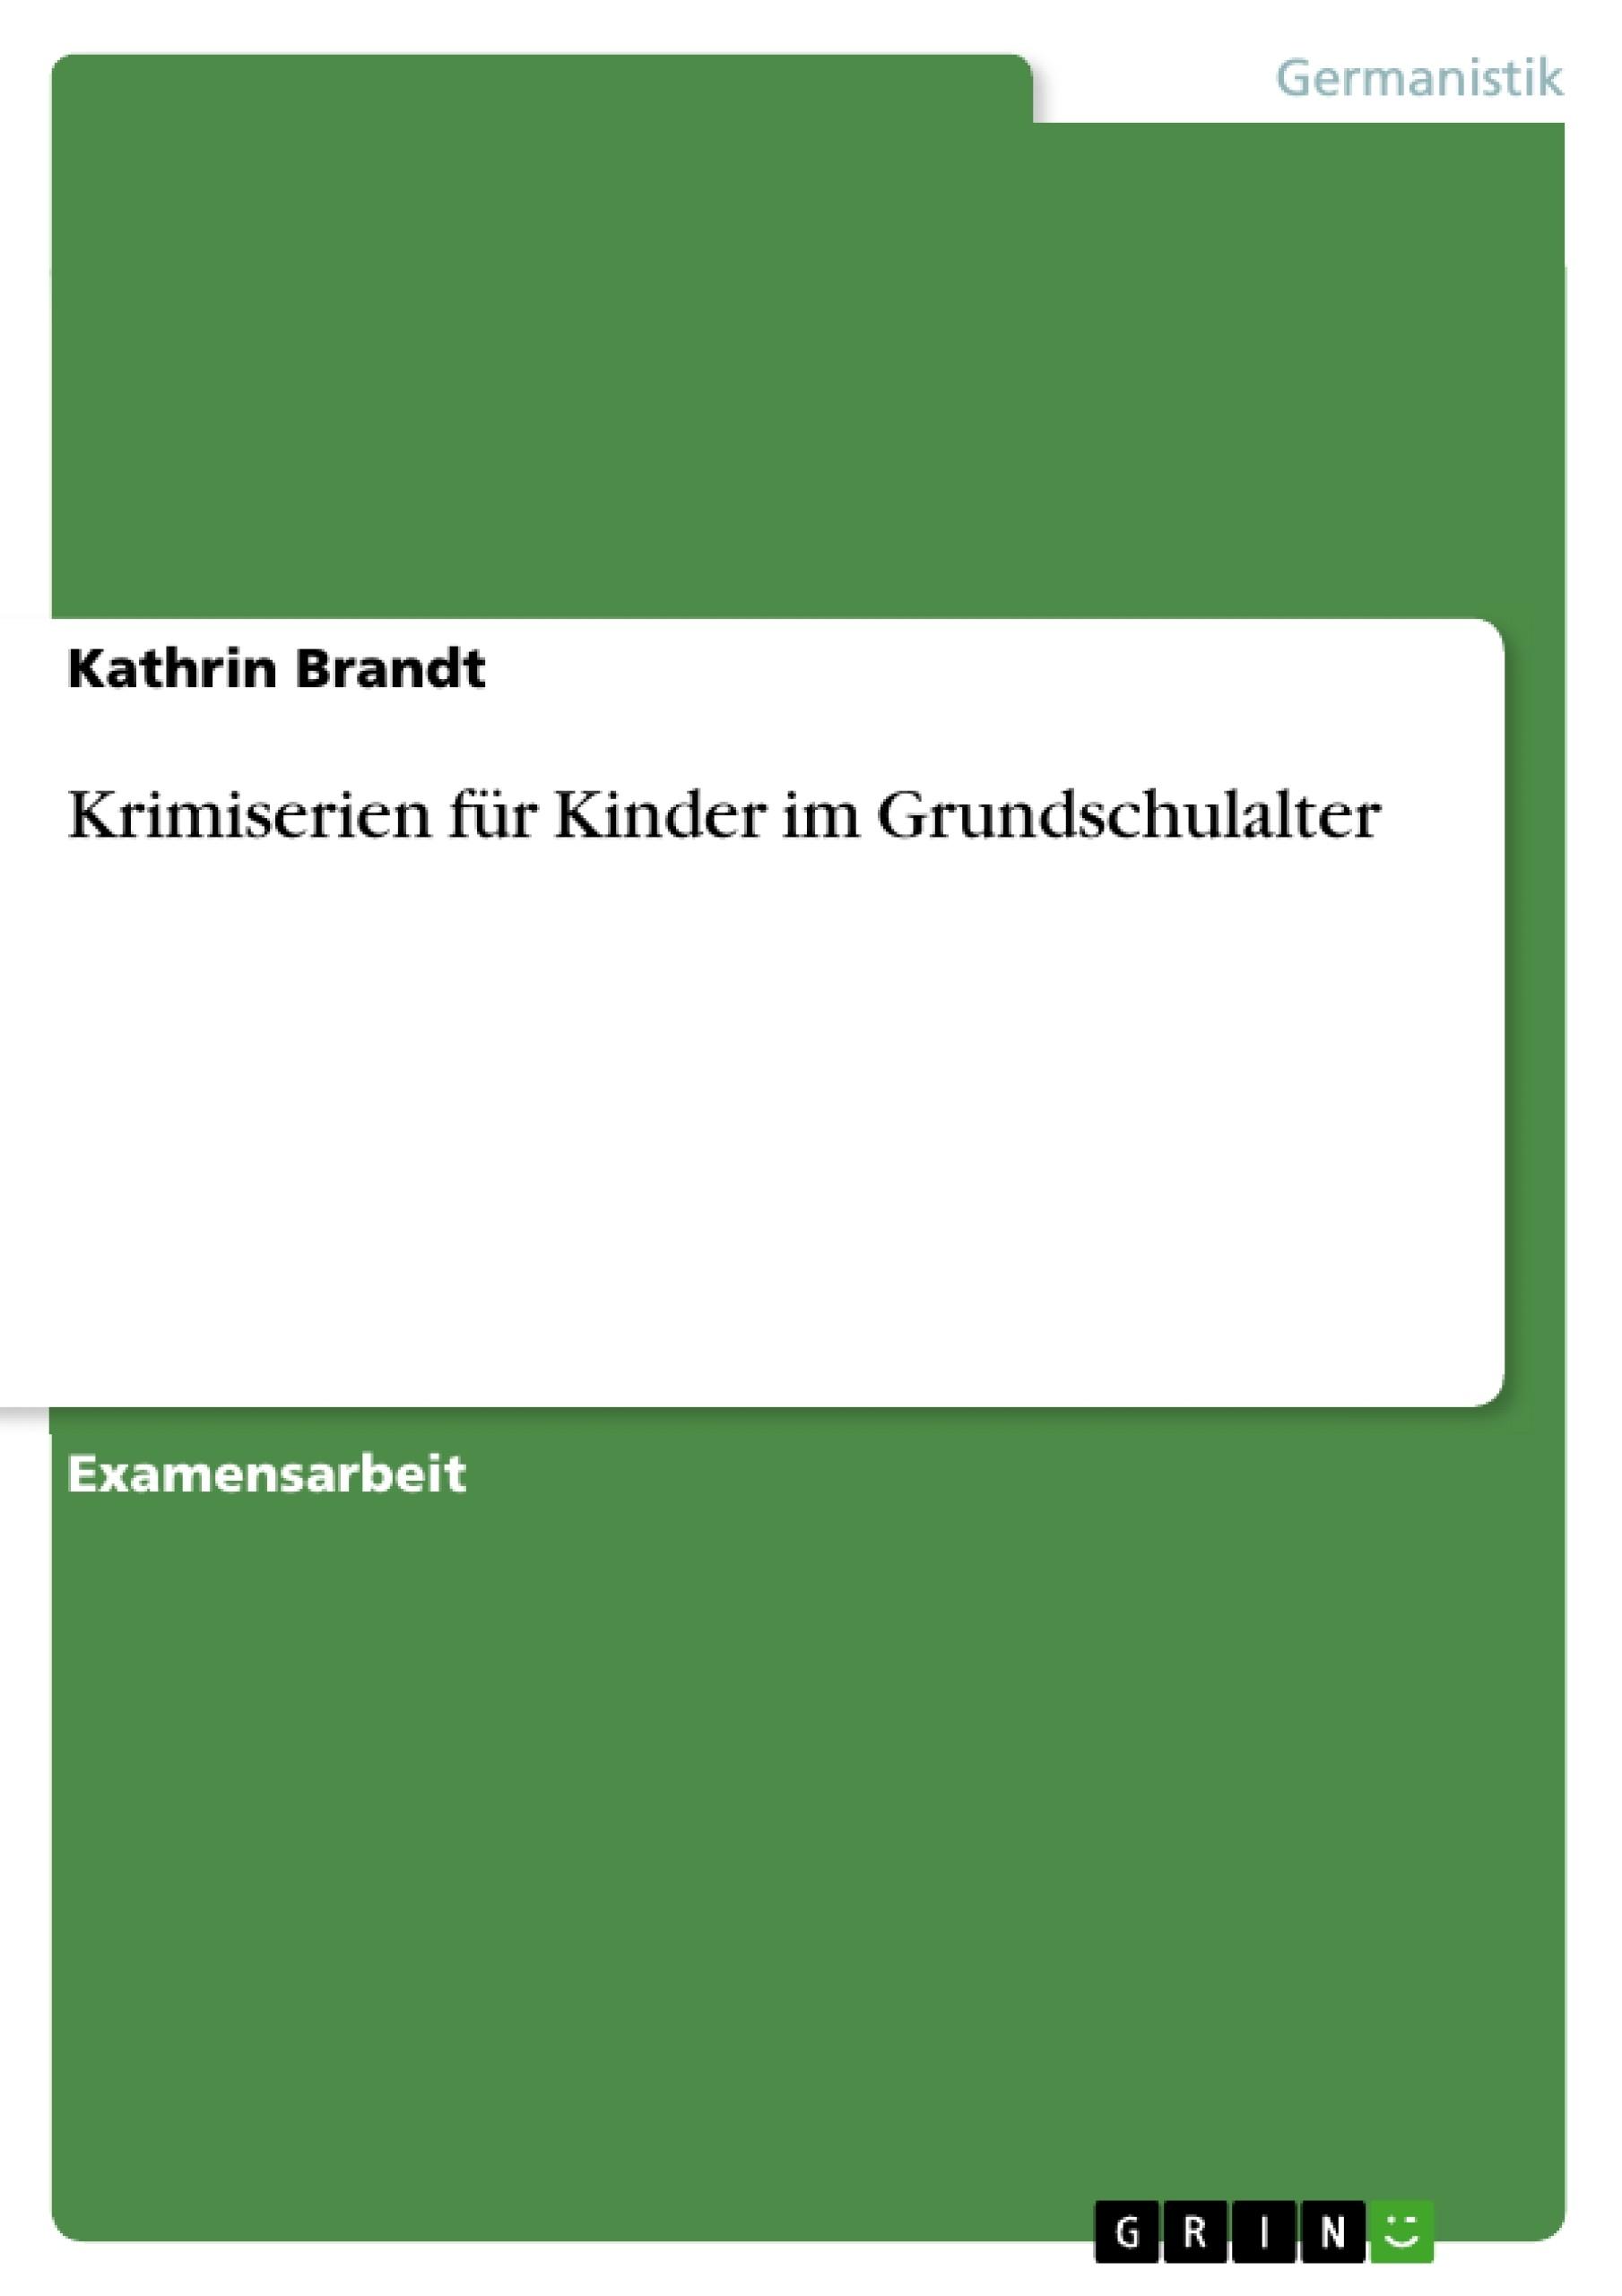 Titel: Krimiserien für Kinder im Grundschulalter